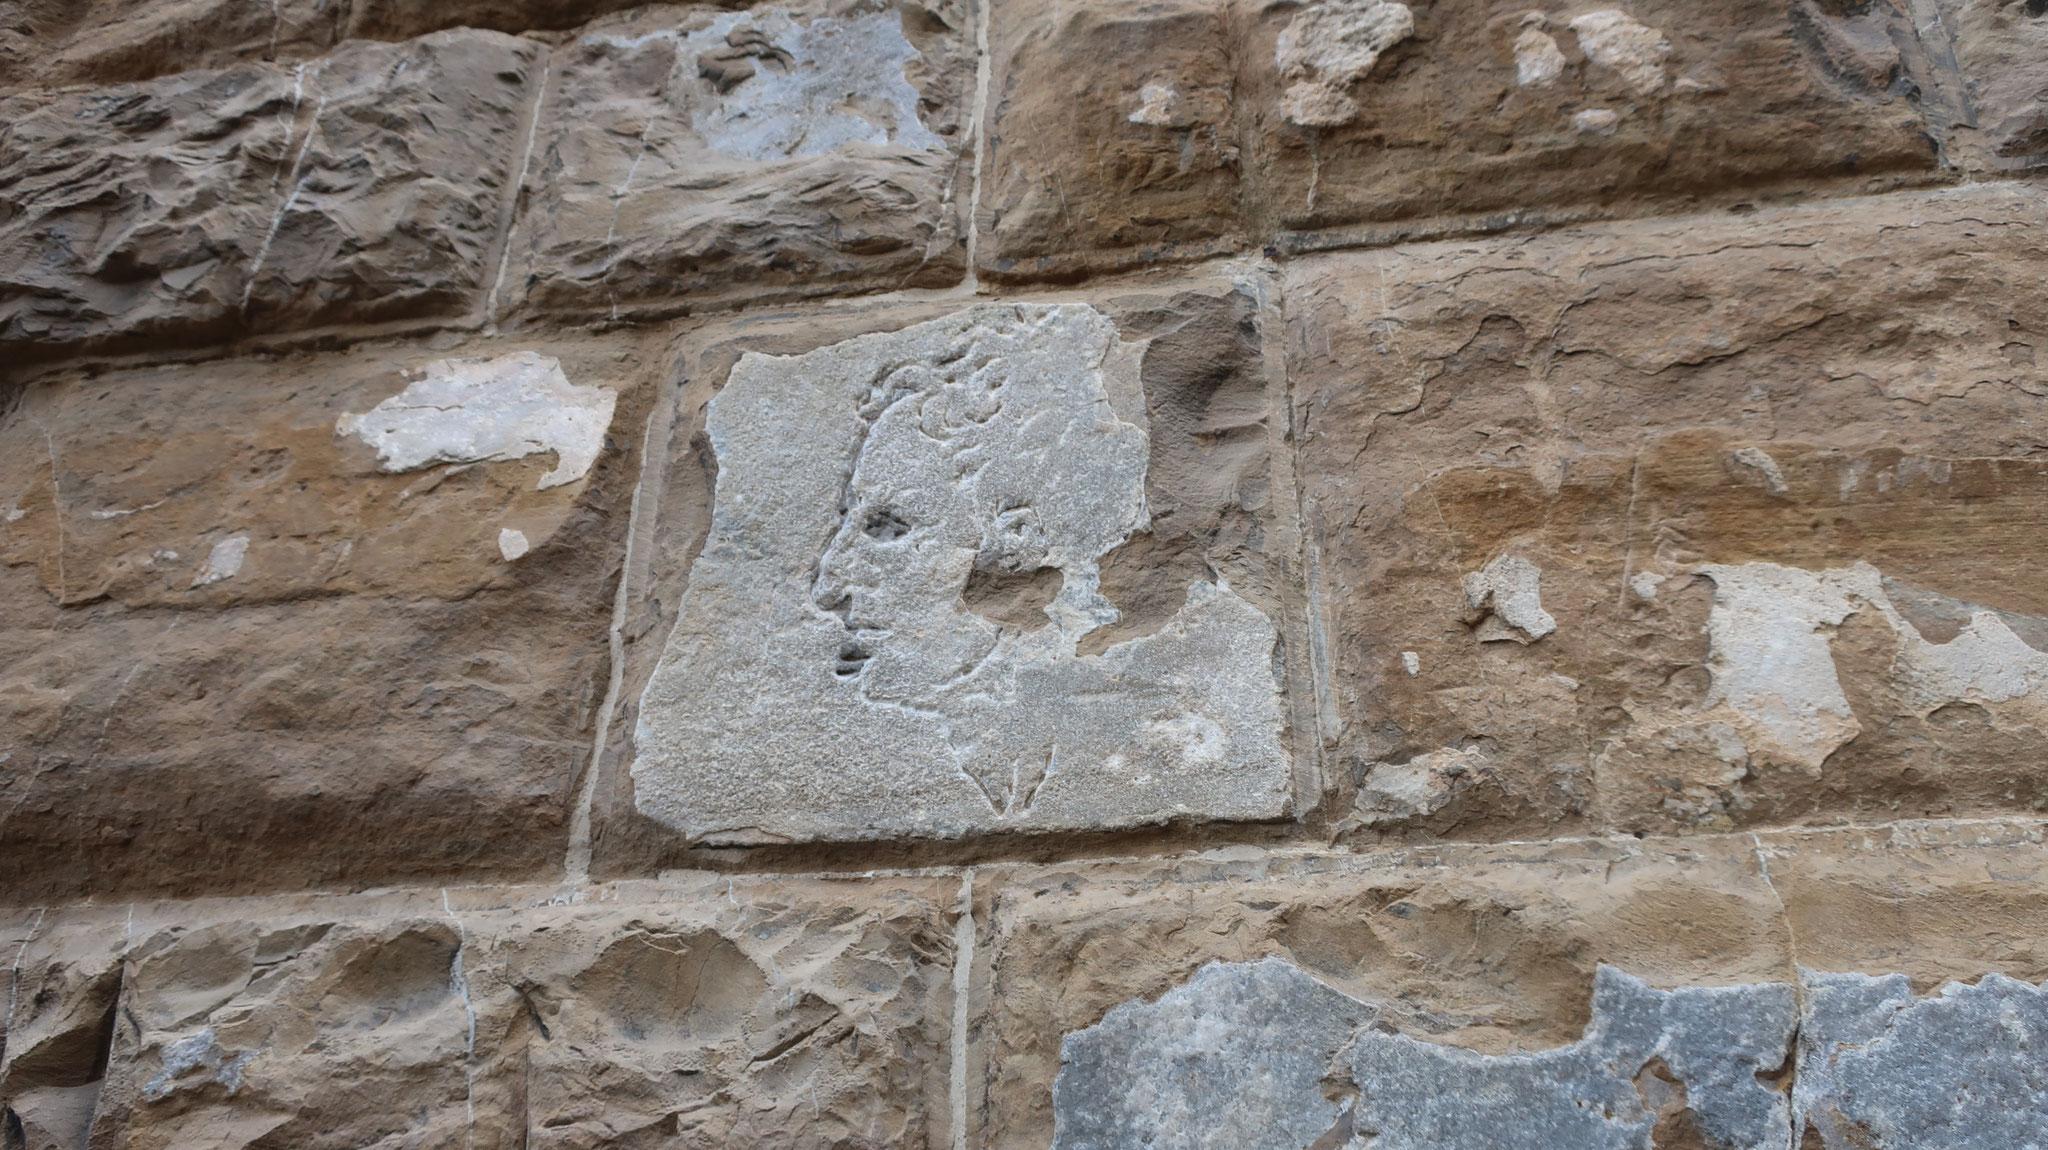 ミケランジェロのいたずら。ミケランジェロがヴェッキオ宮殿の壁に寄りかかりながら腋に挟んだノミで後ろ向きのまま彫ったそうです。